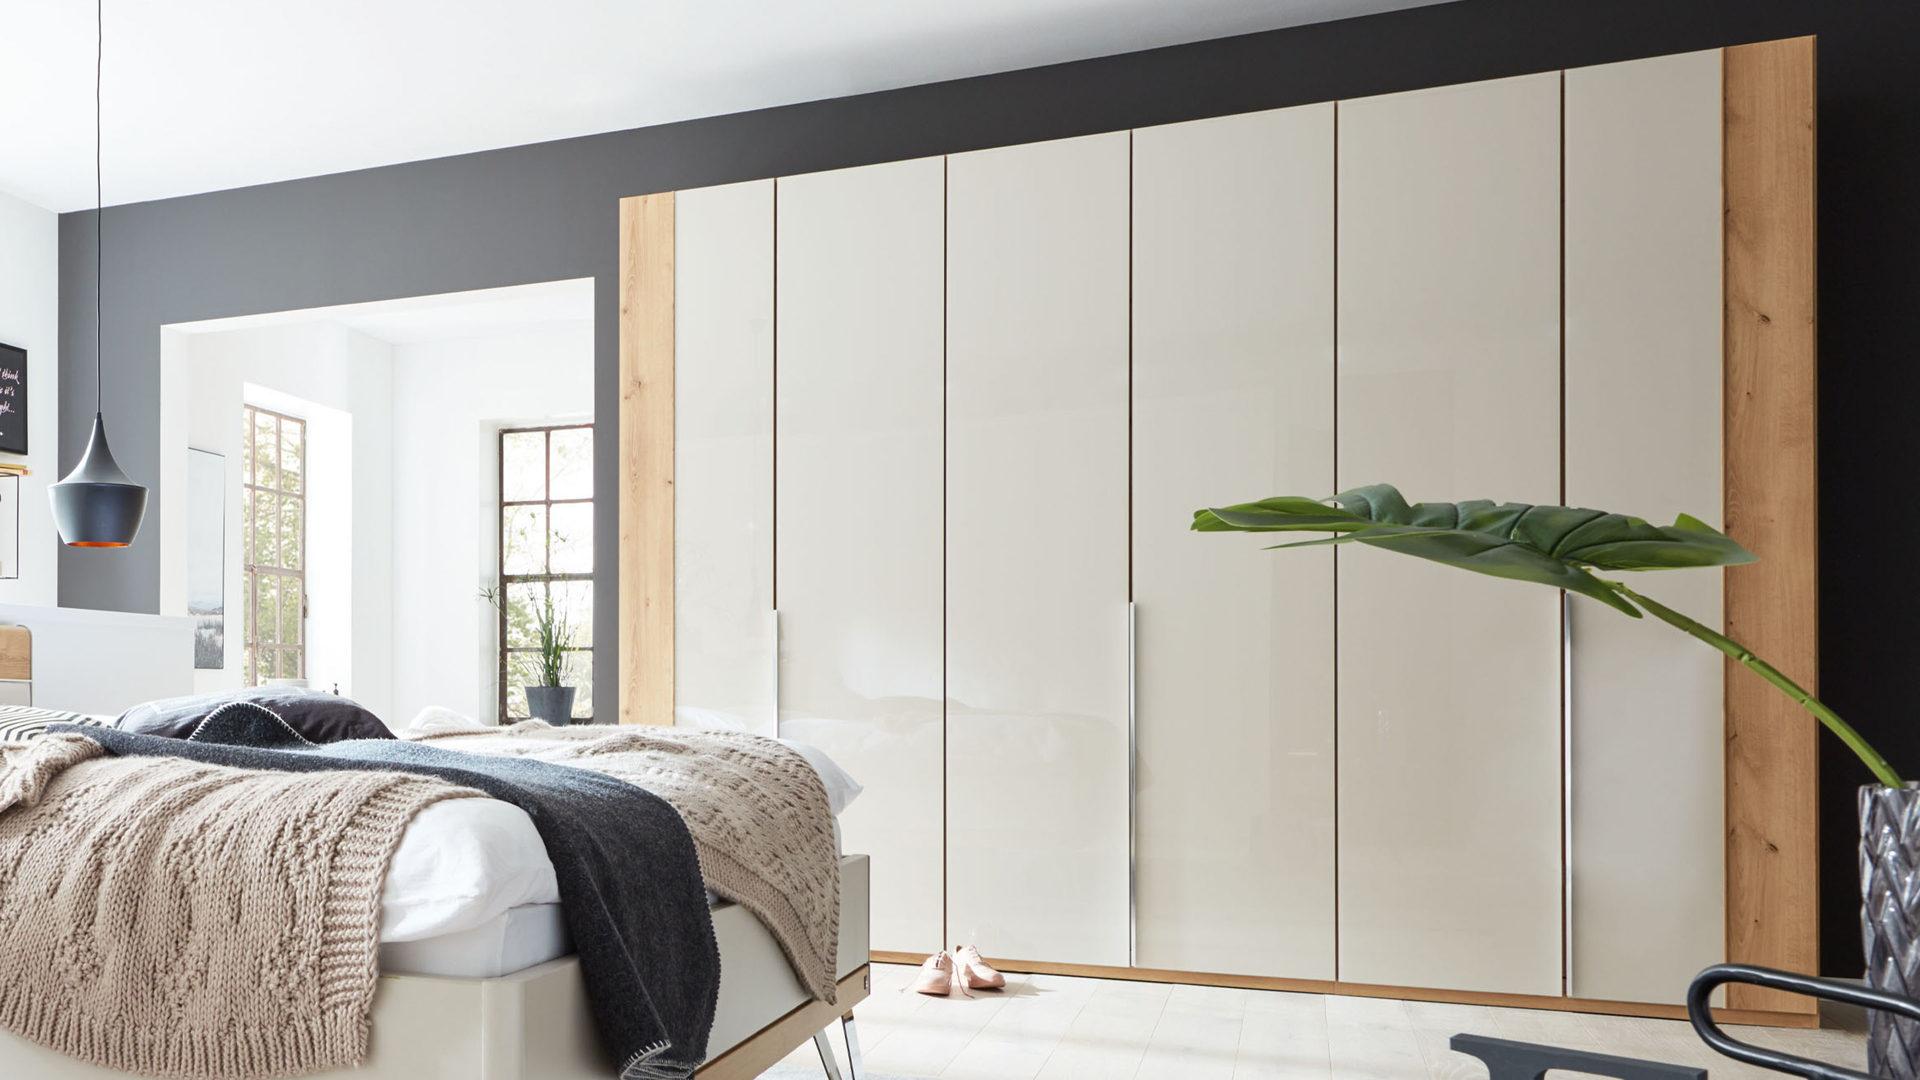 Interliving Schlafzimmer Serie 1017 Kleiderschrank 368 Bianco Eichefarbene